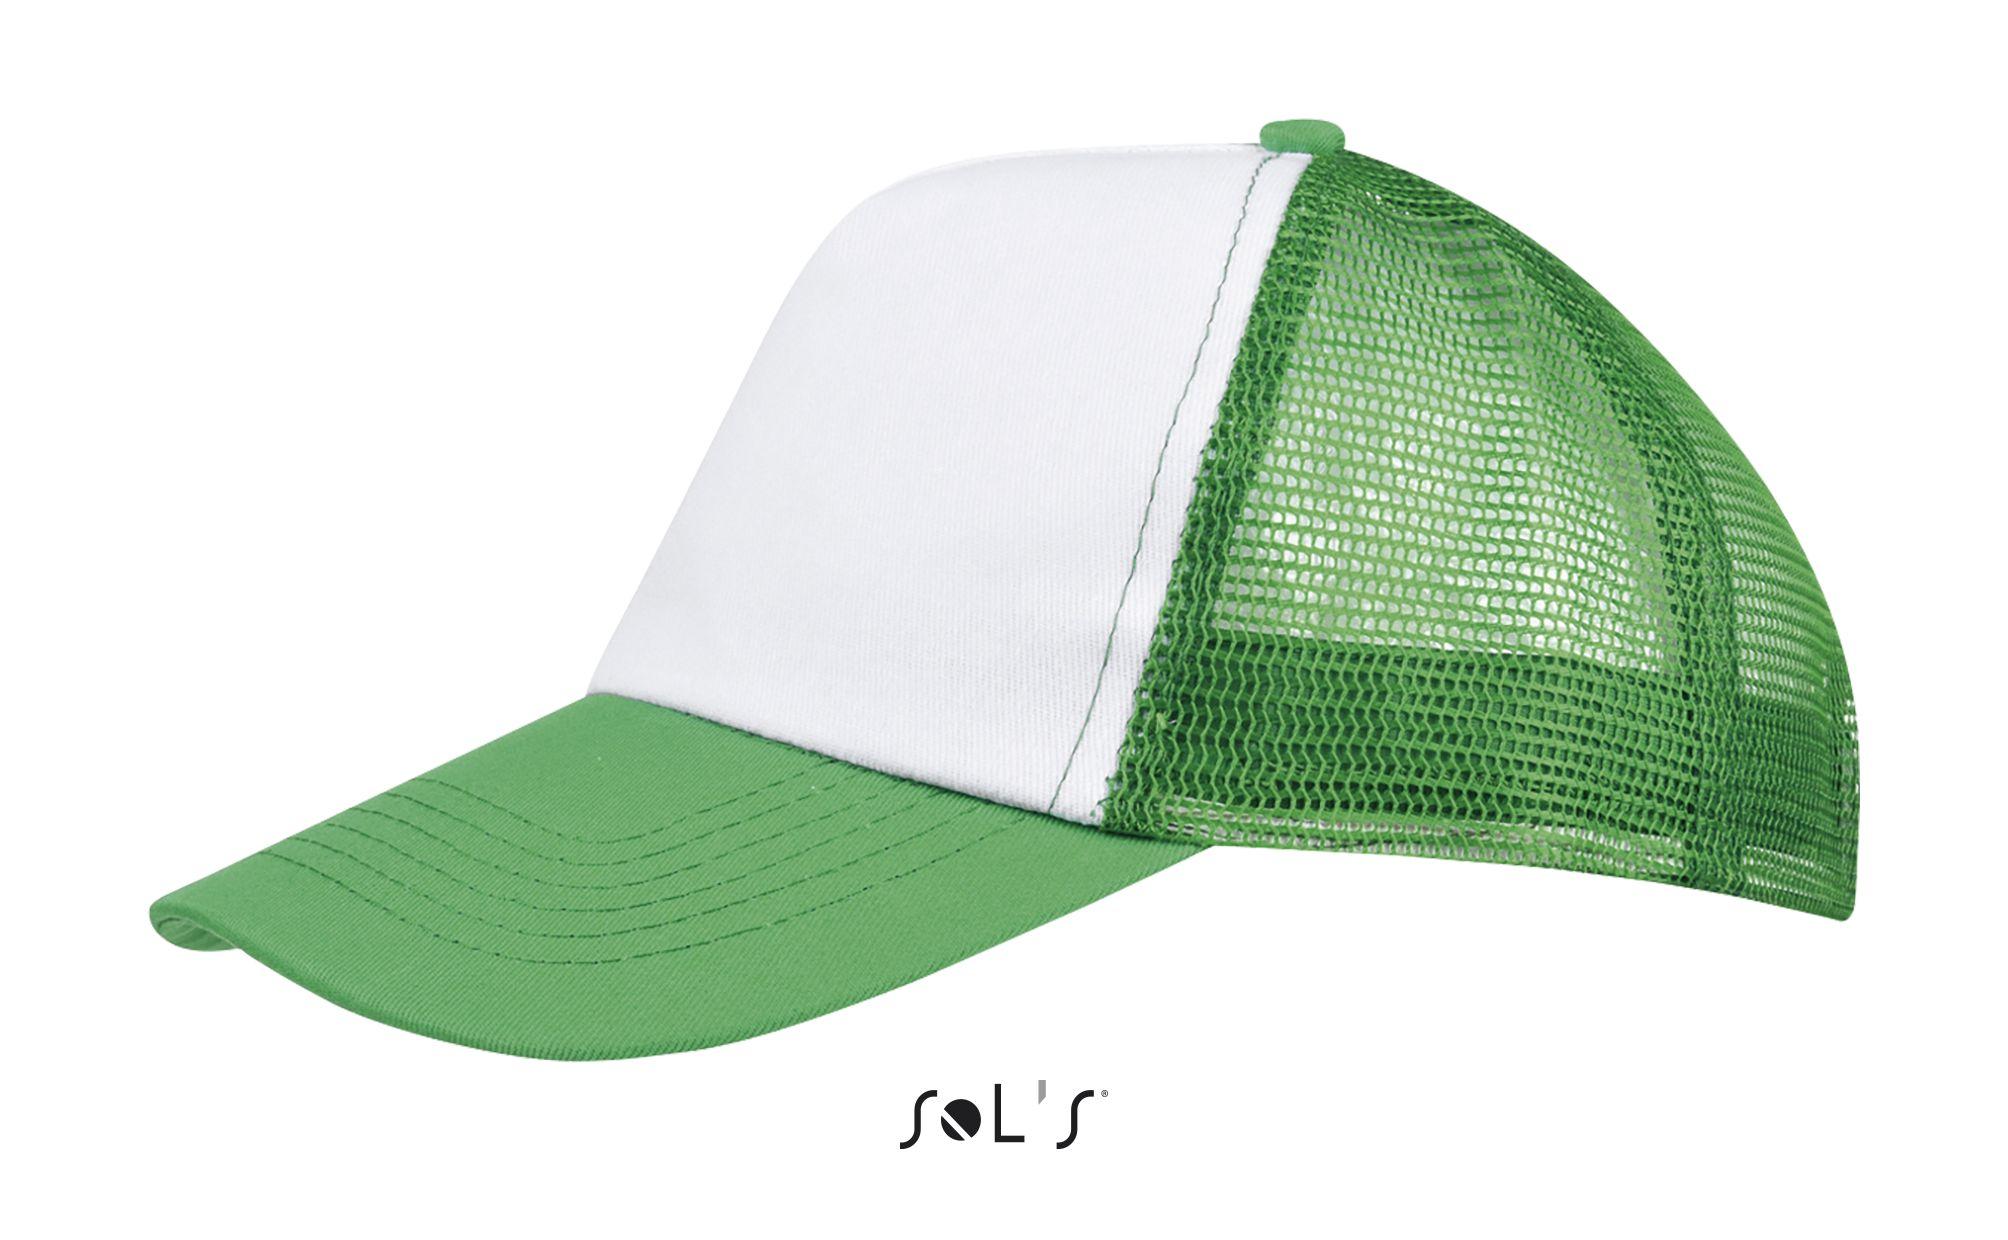 964 - Blanc / Vert prairie